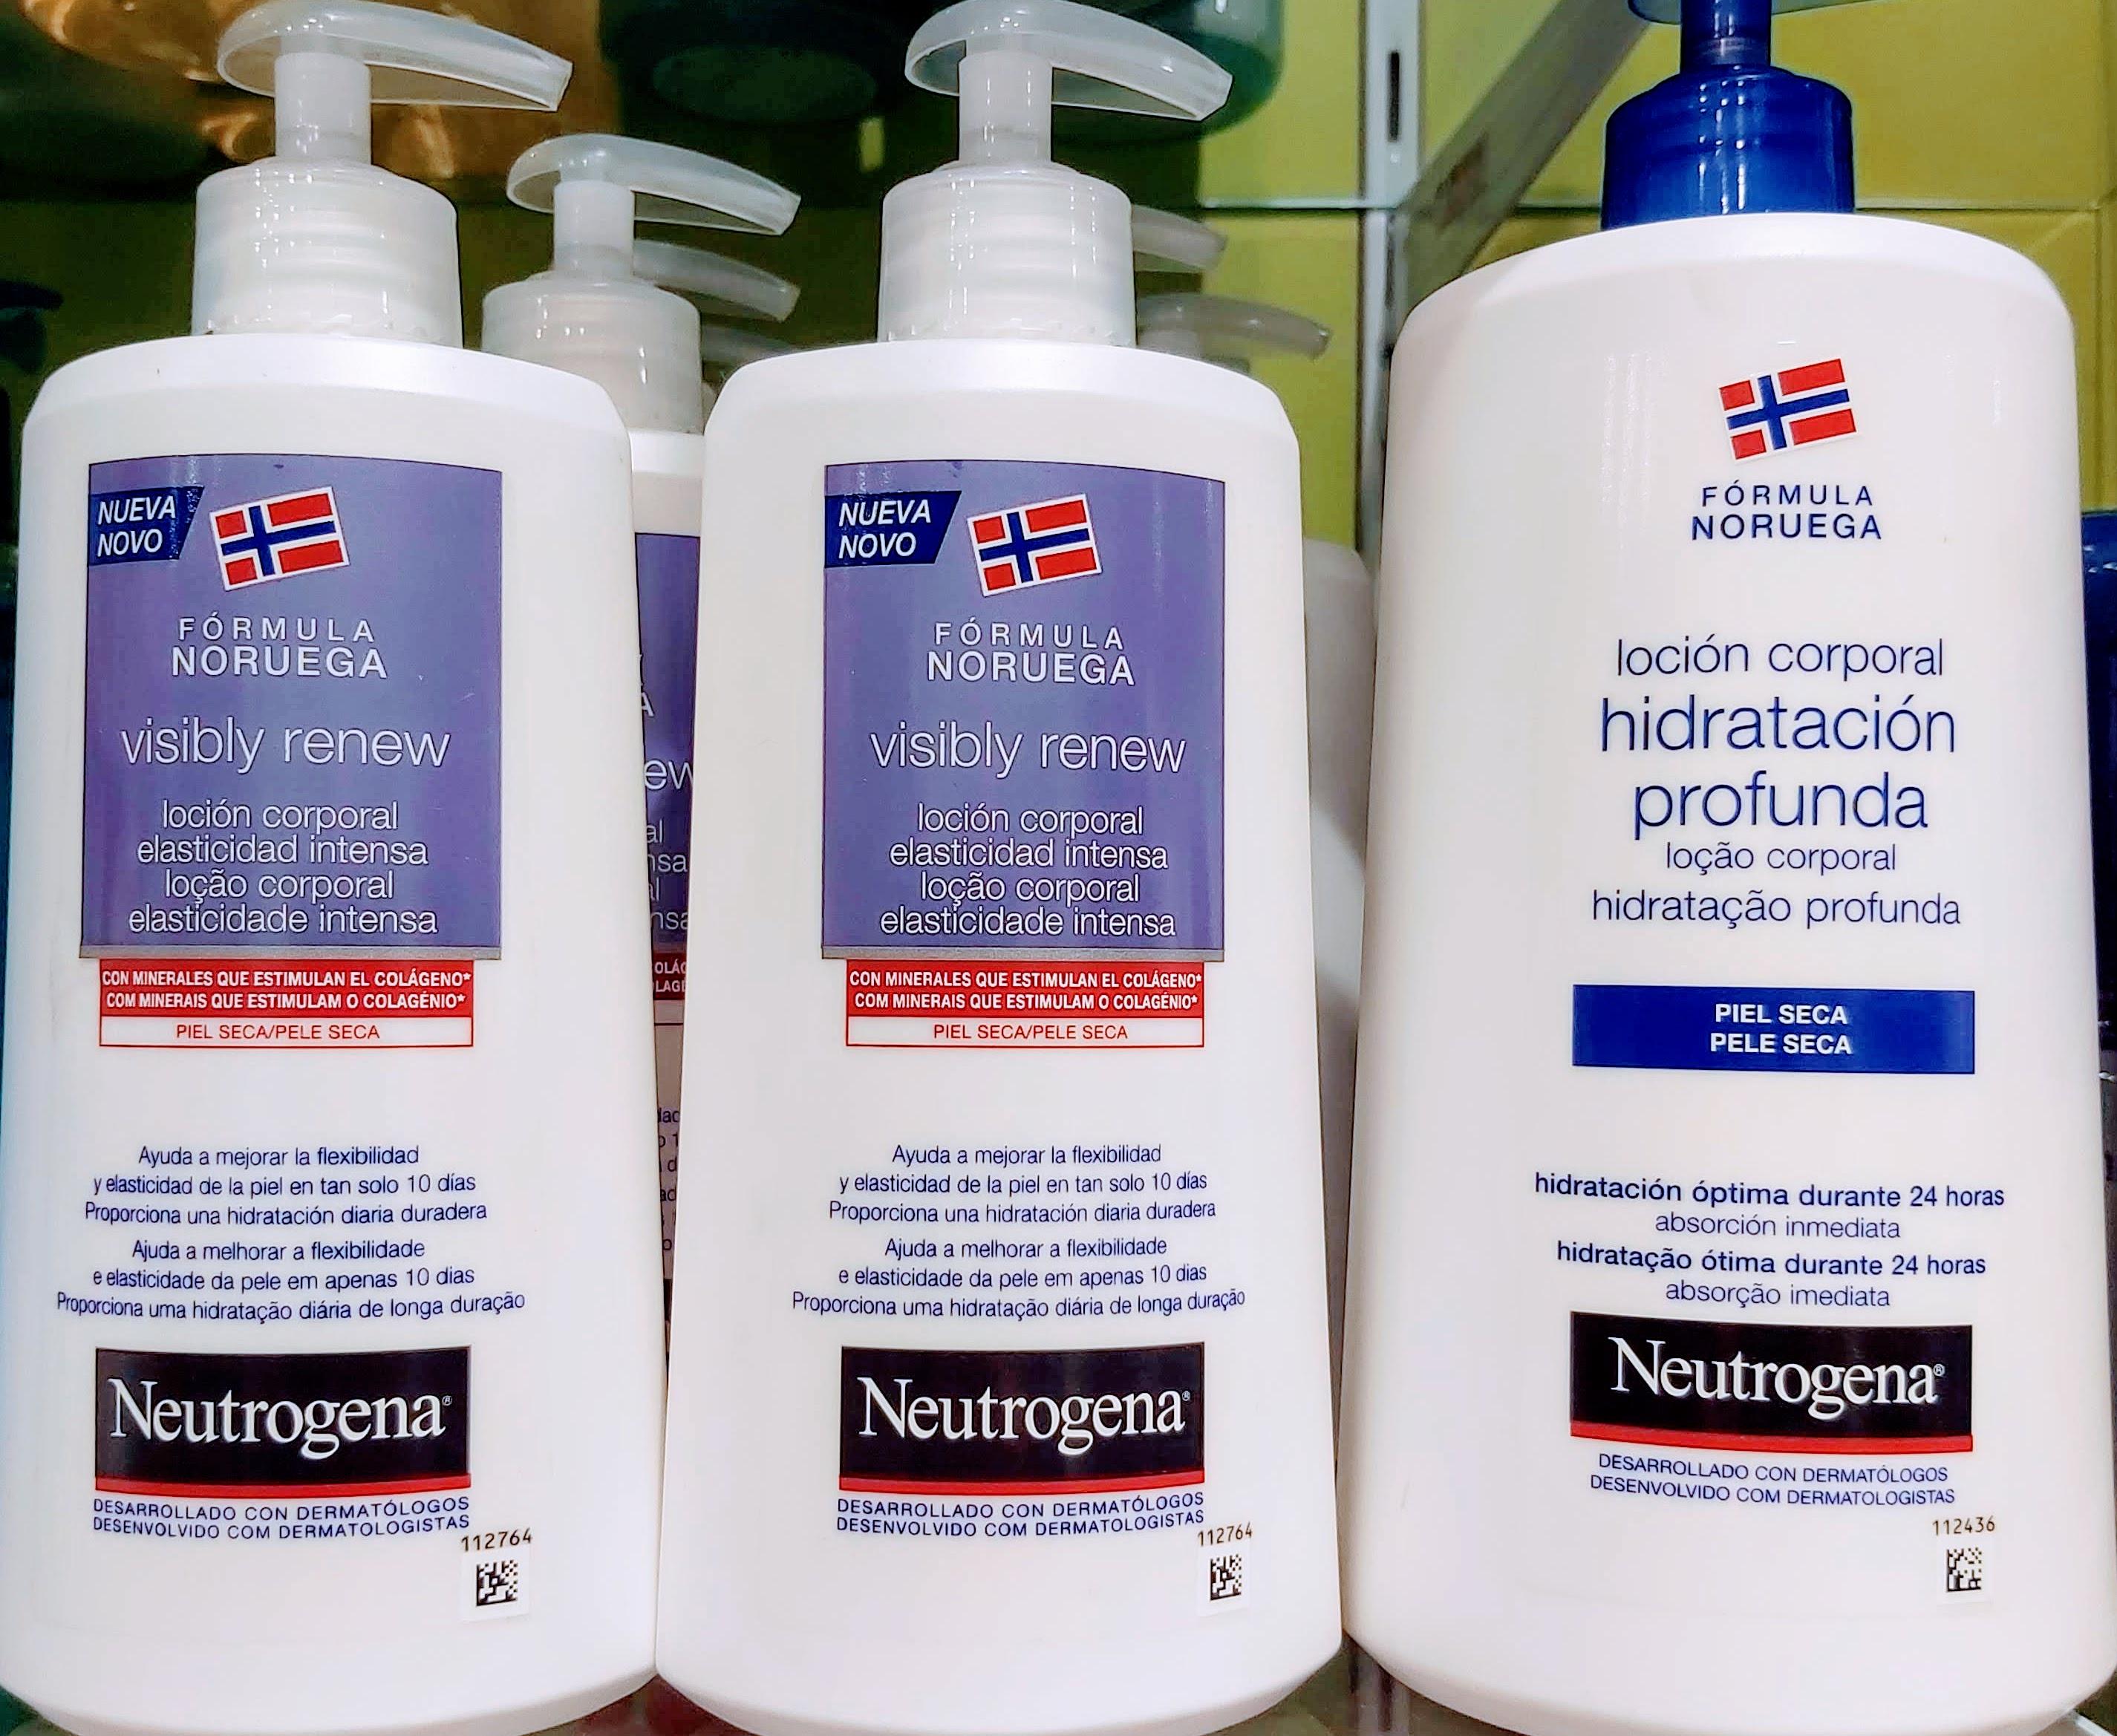 Comprar Neutrogena Loción Corporal Elasticidad Intensa en Gran Farmacia Andorra Online alta cosmeticidad y textura no grasa se absorbe rápidamente permite vestirse inmediatamente sin esperar a que se absorba